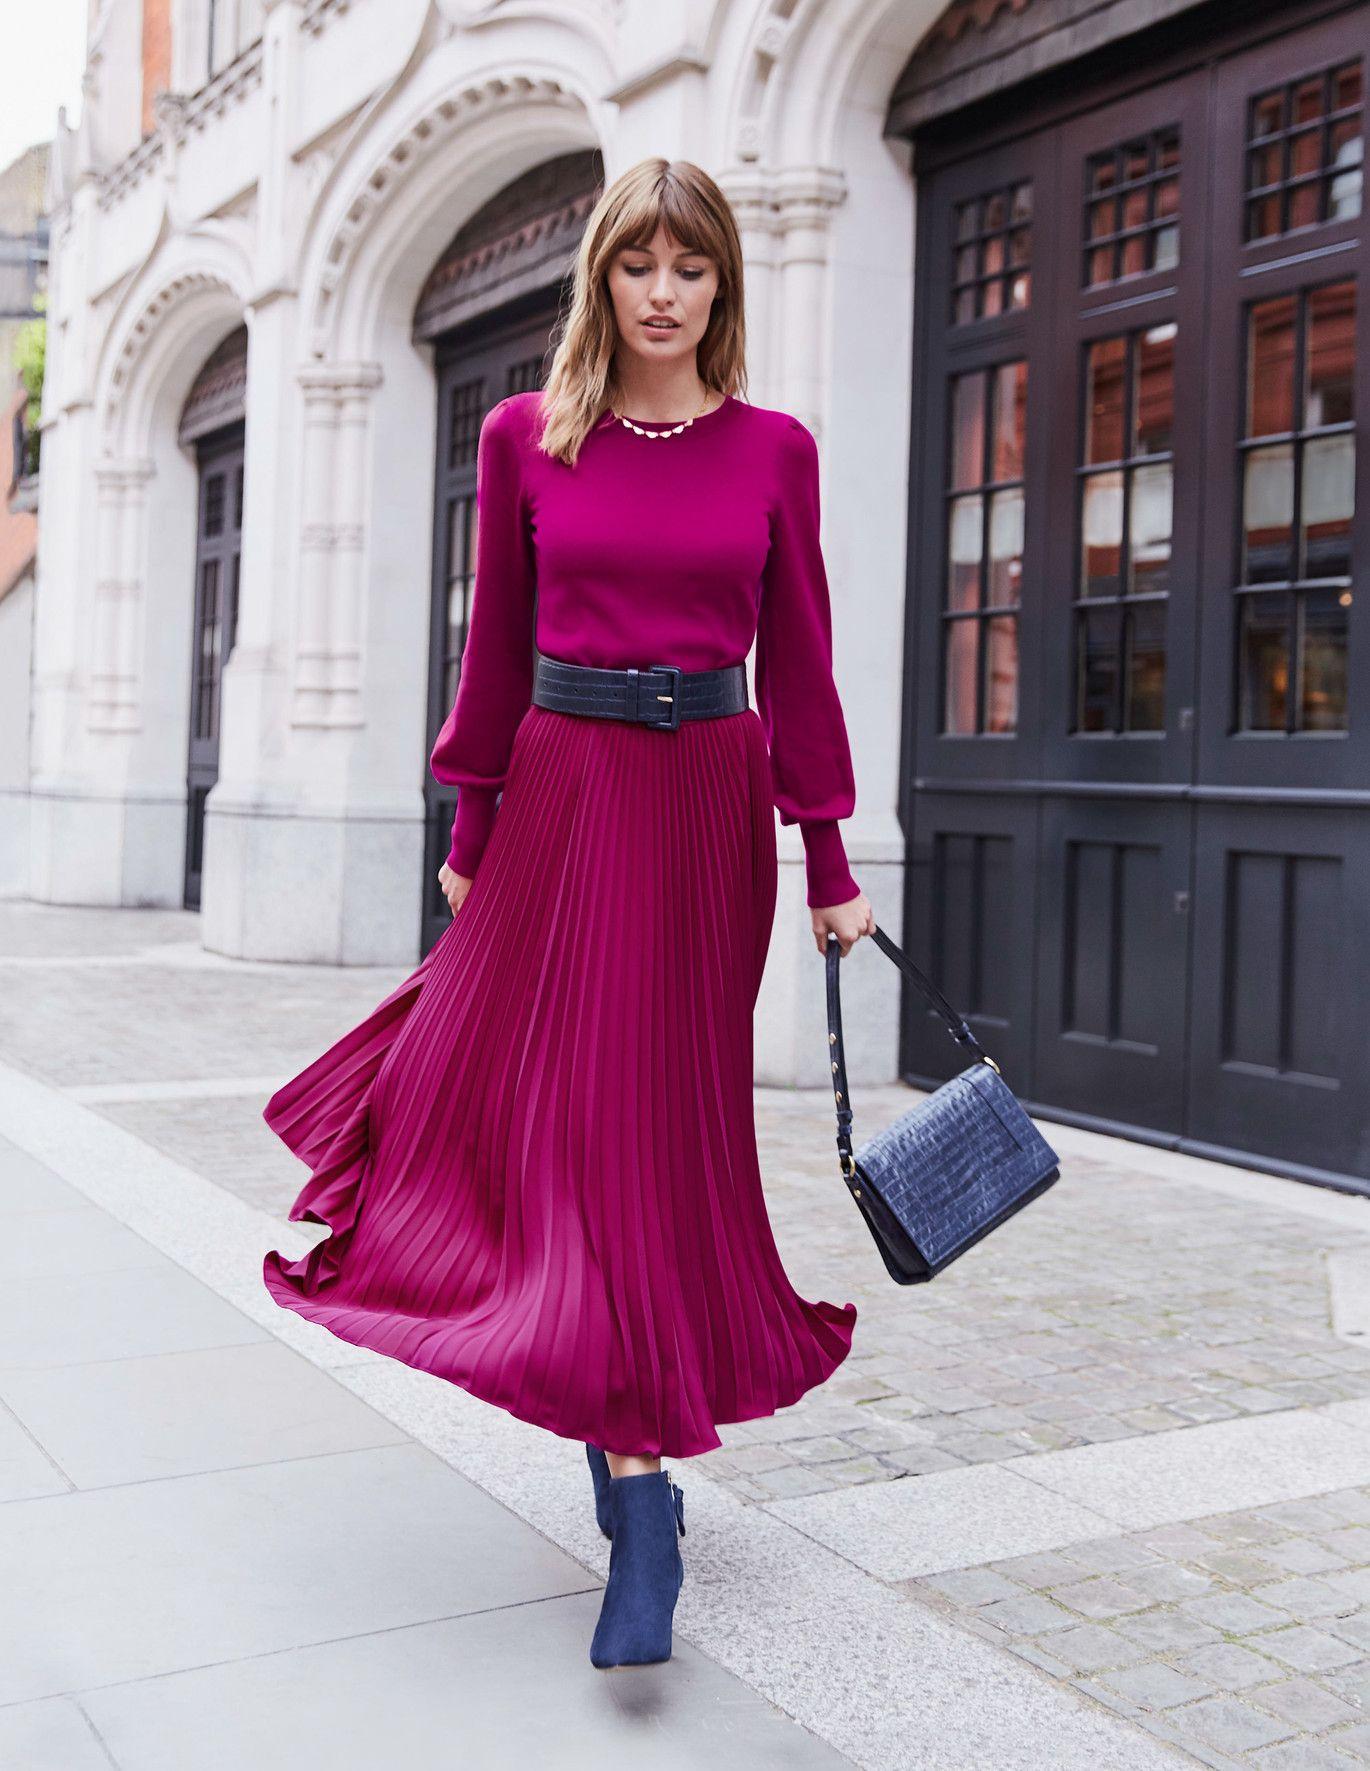 Kristen Plisseerock Orangerot Faltenrock Modestil Faltenrock Outfit